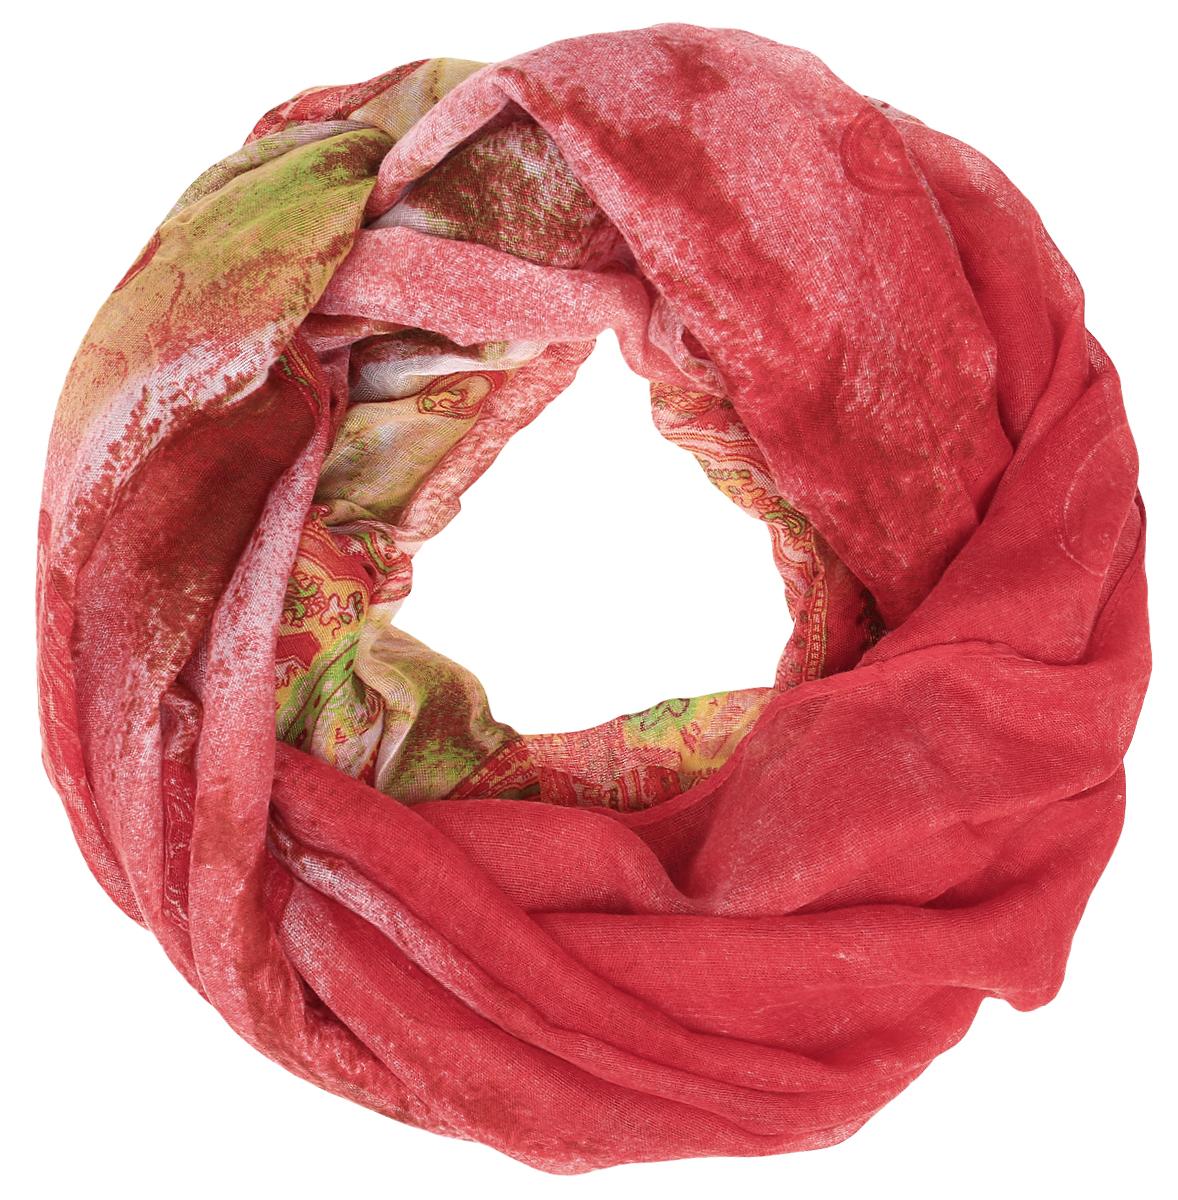 Палантин женский Fabretti, цвет: красный, зеленый, бежевый. TUT-F145. Размер 90 см х 180 смTUTF145-3Элегантный палантин Fabretti, изготовленный из высококачественного материала, создан подчеркивать роскошную неоднозначность вашего образа. Палантин оформлен интересным принтом. Этот модный аксессуар женского гардероба гармонично дополнит образ современной женщины, следящей за своим имиджем и стремящейся всегда оставаться стильной и элегантной. В этом палантине вы всегда будете выглядеть женственной и привлекательной.